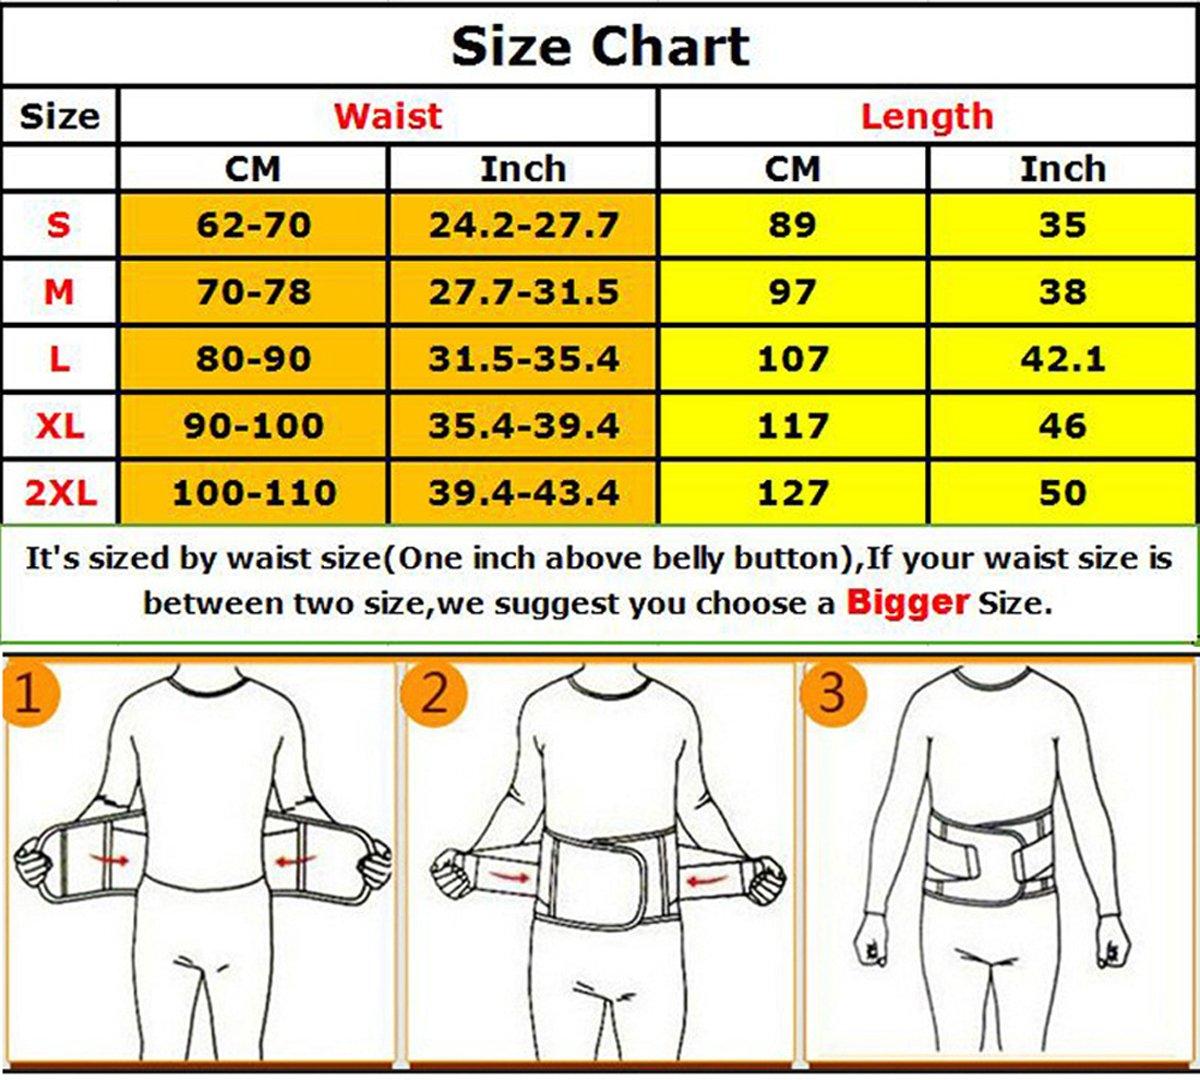 KOOCHY Women's Waist Trainer Belt - Waist Cincher Trimmer - Slimming Body Shaper Belt - Sport Girdle Belt for Weight Loss(Purple,Large) by KOOCHY (Image #2)